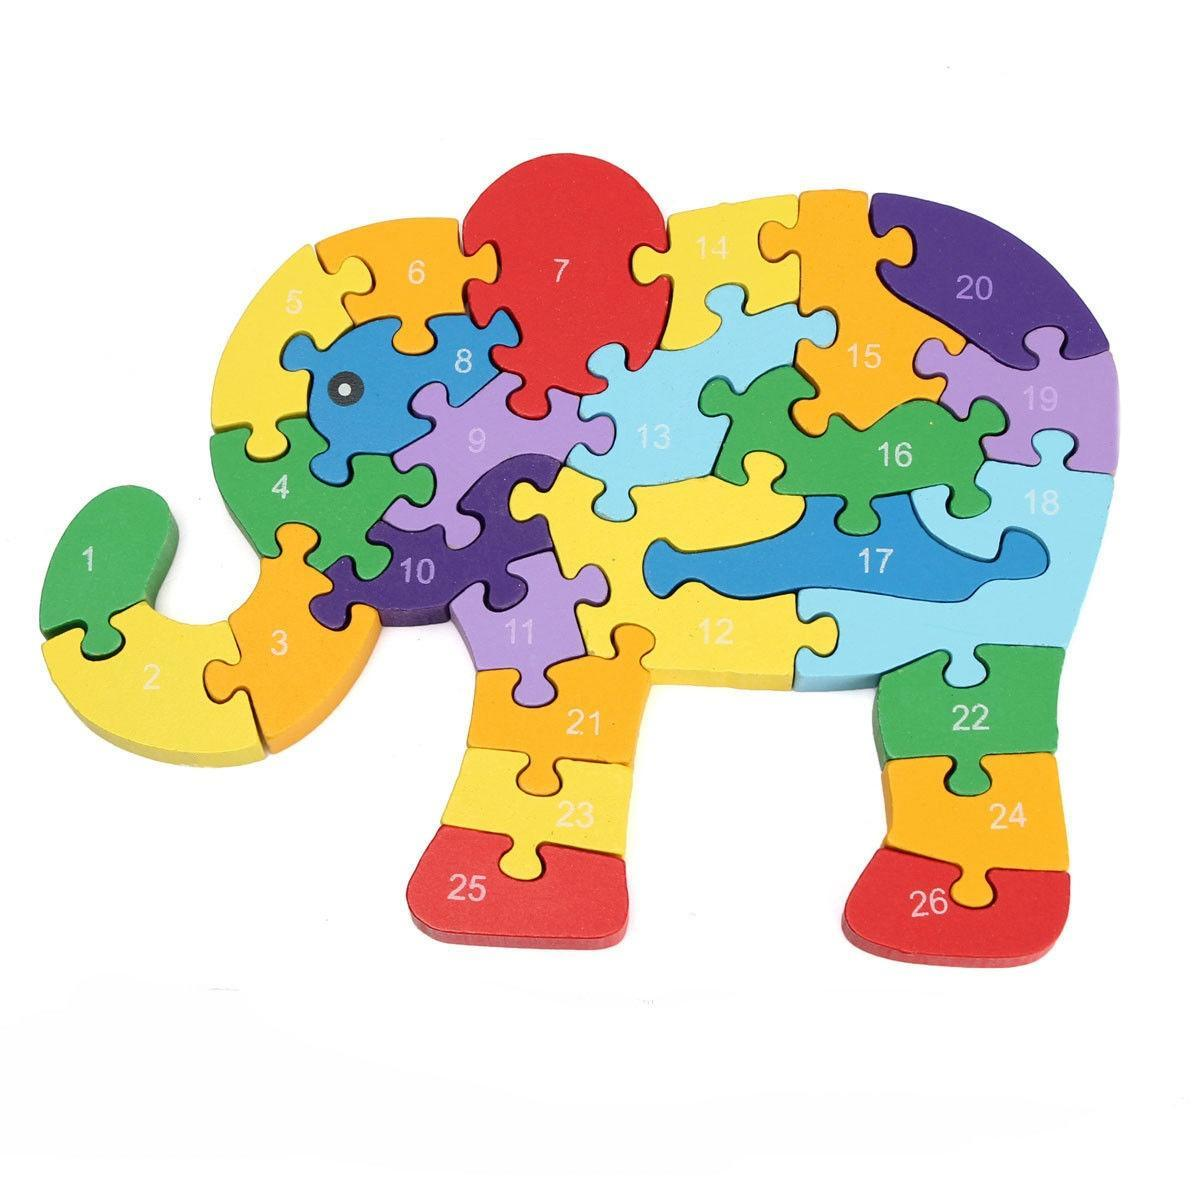 YEC44 интеллектуальной развития образования деревянные смешная игрушка детей дети детские yec 1910243060 distributor rotor